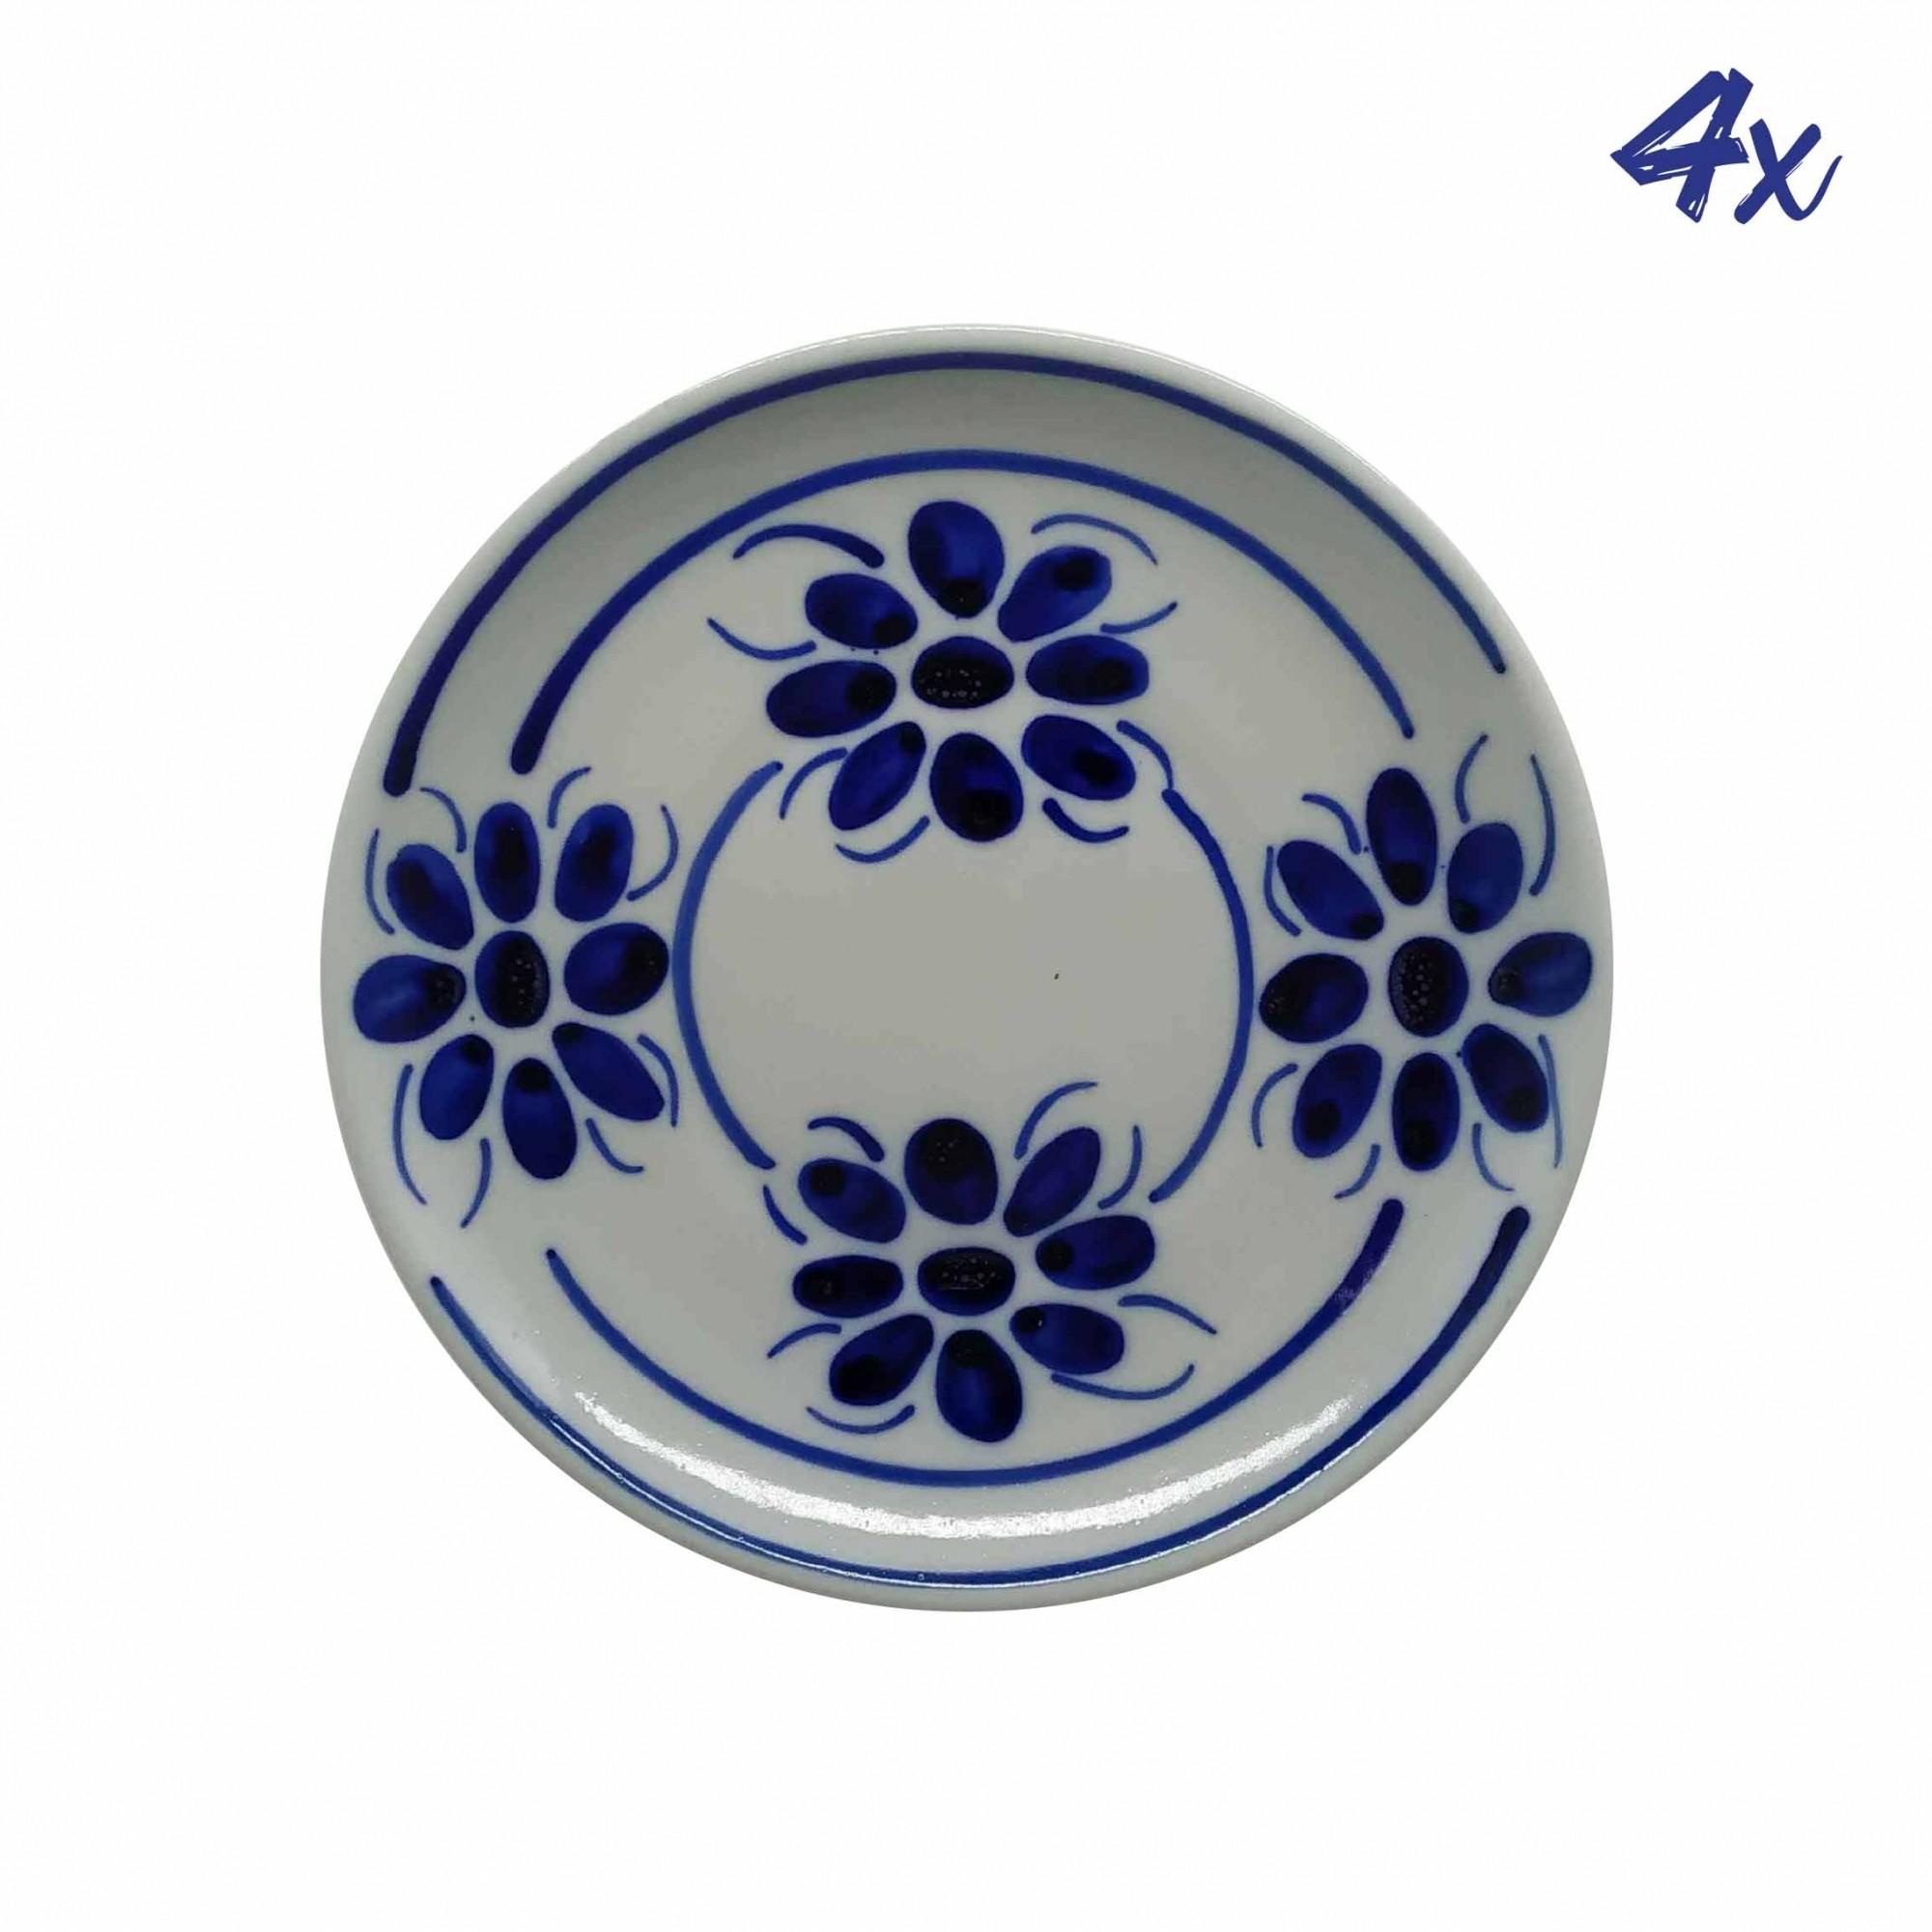 Jogo de 4 Pratos de Sobremesa 18,5 cm em Porcelana Azul Floral